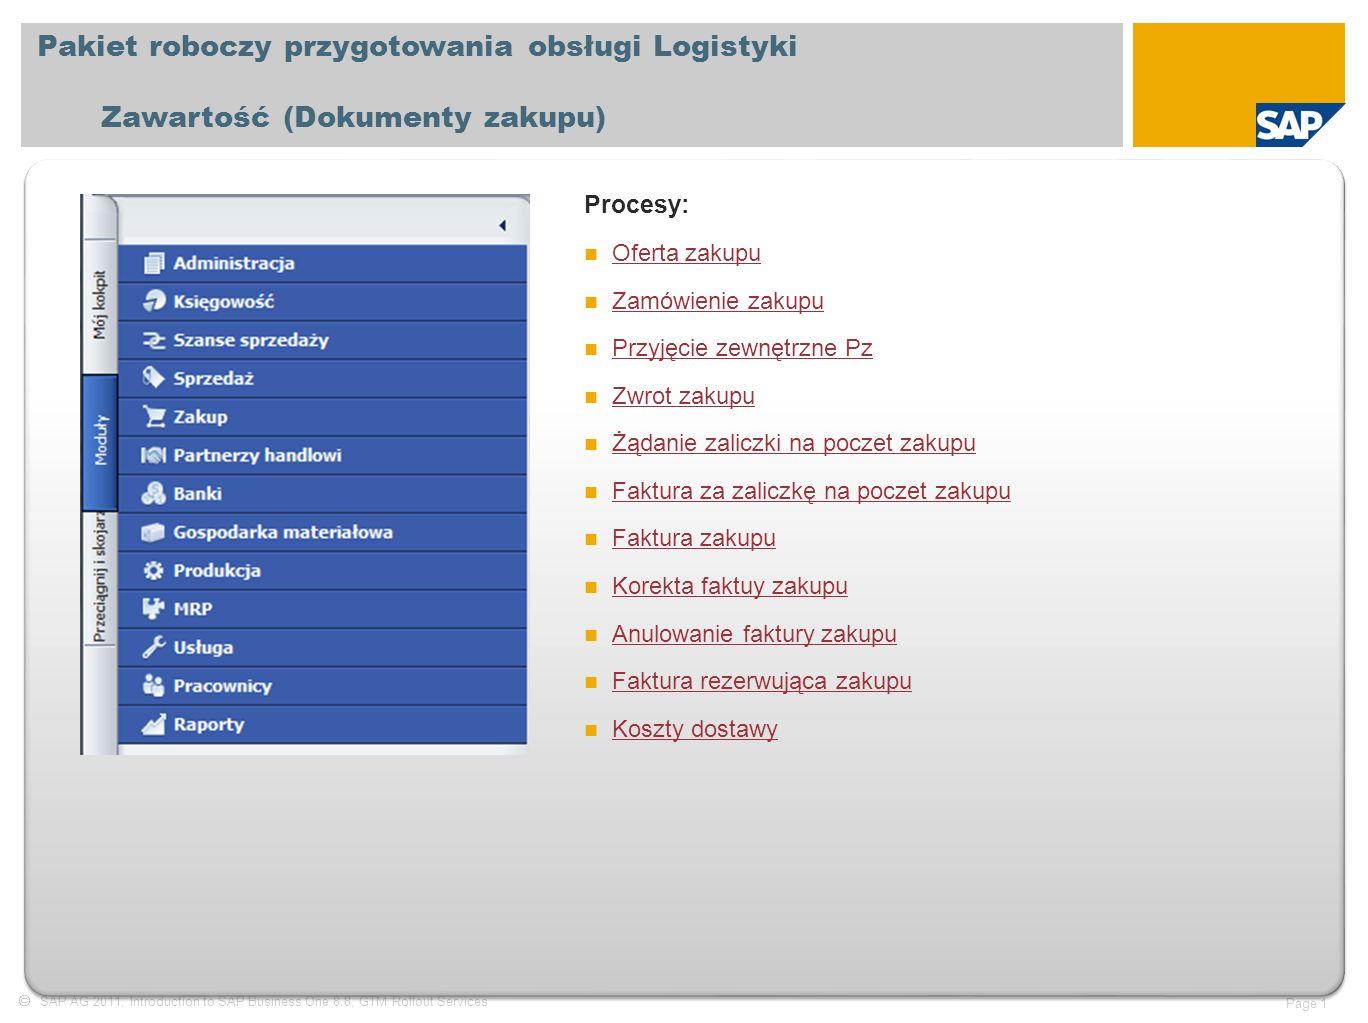  SAP AG 2011, Introduction to SAP Business One 8.8, GTM Rollout Services Page 1 Pakiet roboczy przygotowania obsługi Logistyki Zawartość (Dokumenty zakupu) Procesy: Oferta zakupu Zamówienie zakupu Przyjęcie zewnętrzne Pz Zwrot zakupu Żądanie zaliczki na poczet zakupu Faktura za zaliczkę na poczet zakupu Faktura zakupu Korekta faktuy zakupu Anulowanie faktury zakupu Faktura rezerwująca zakupu Koszty dostawy